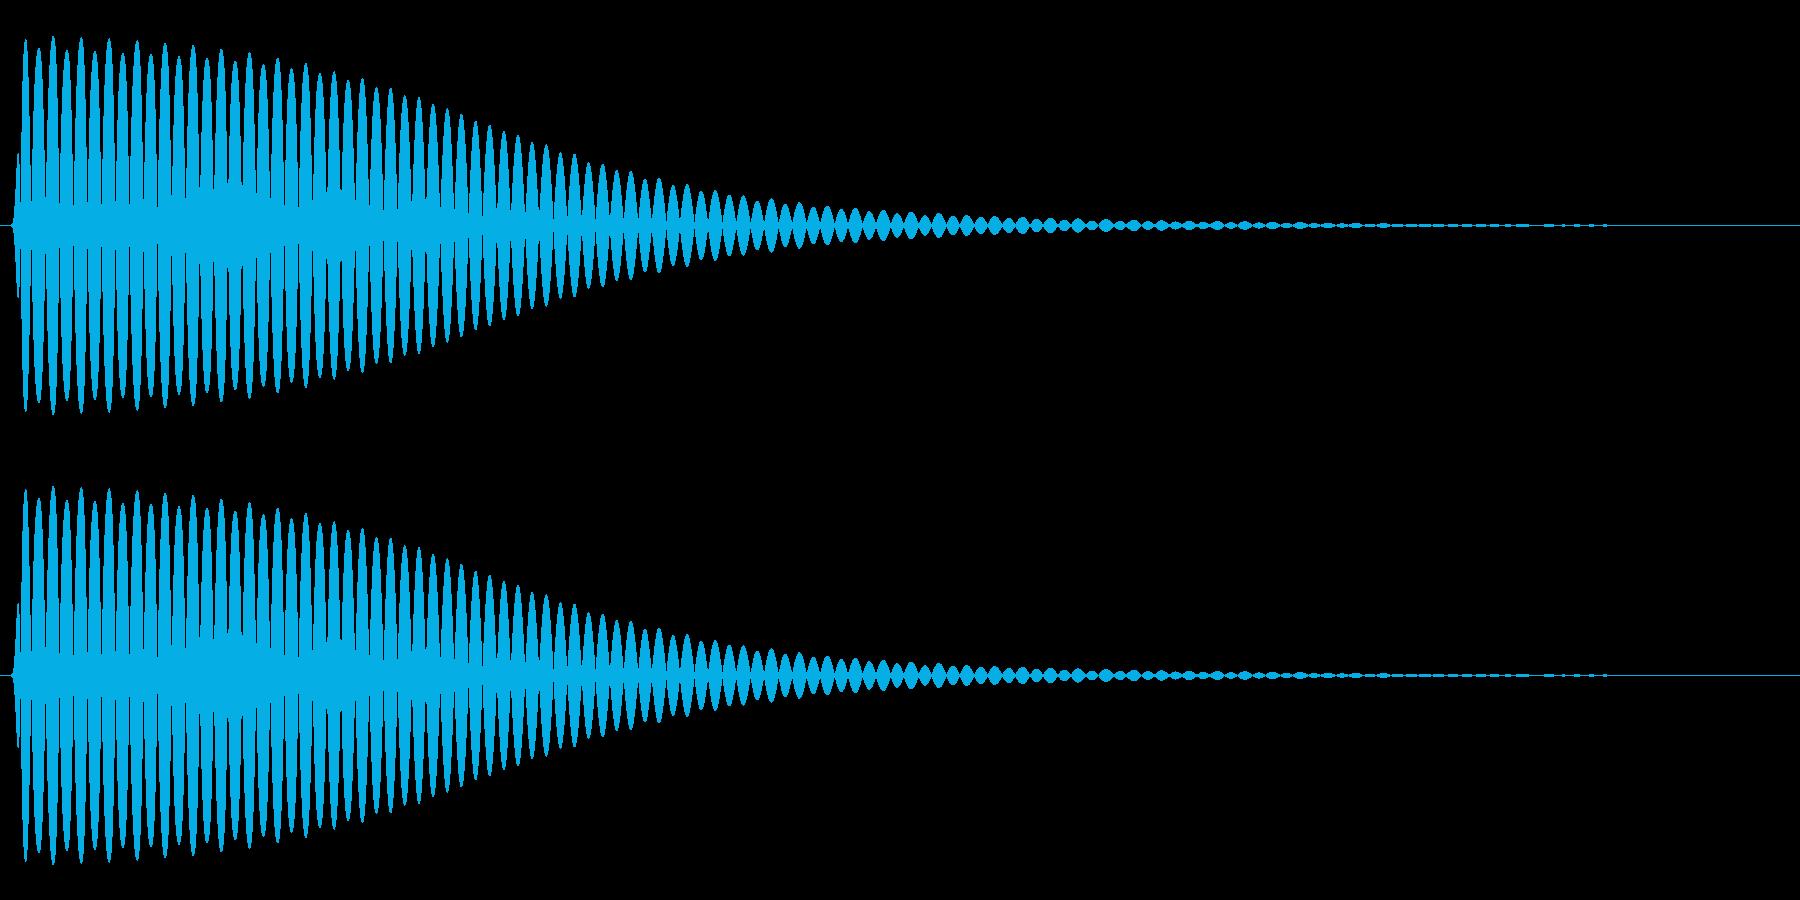 Com ファミコンなどのコマンド音 4の再生済みの波形